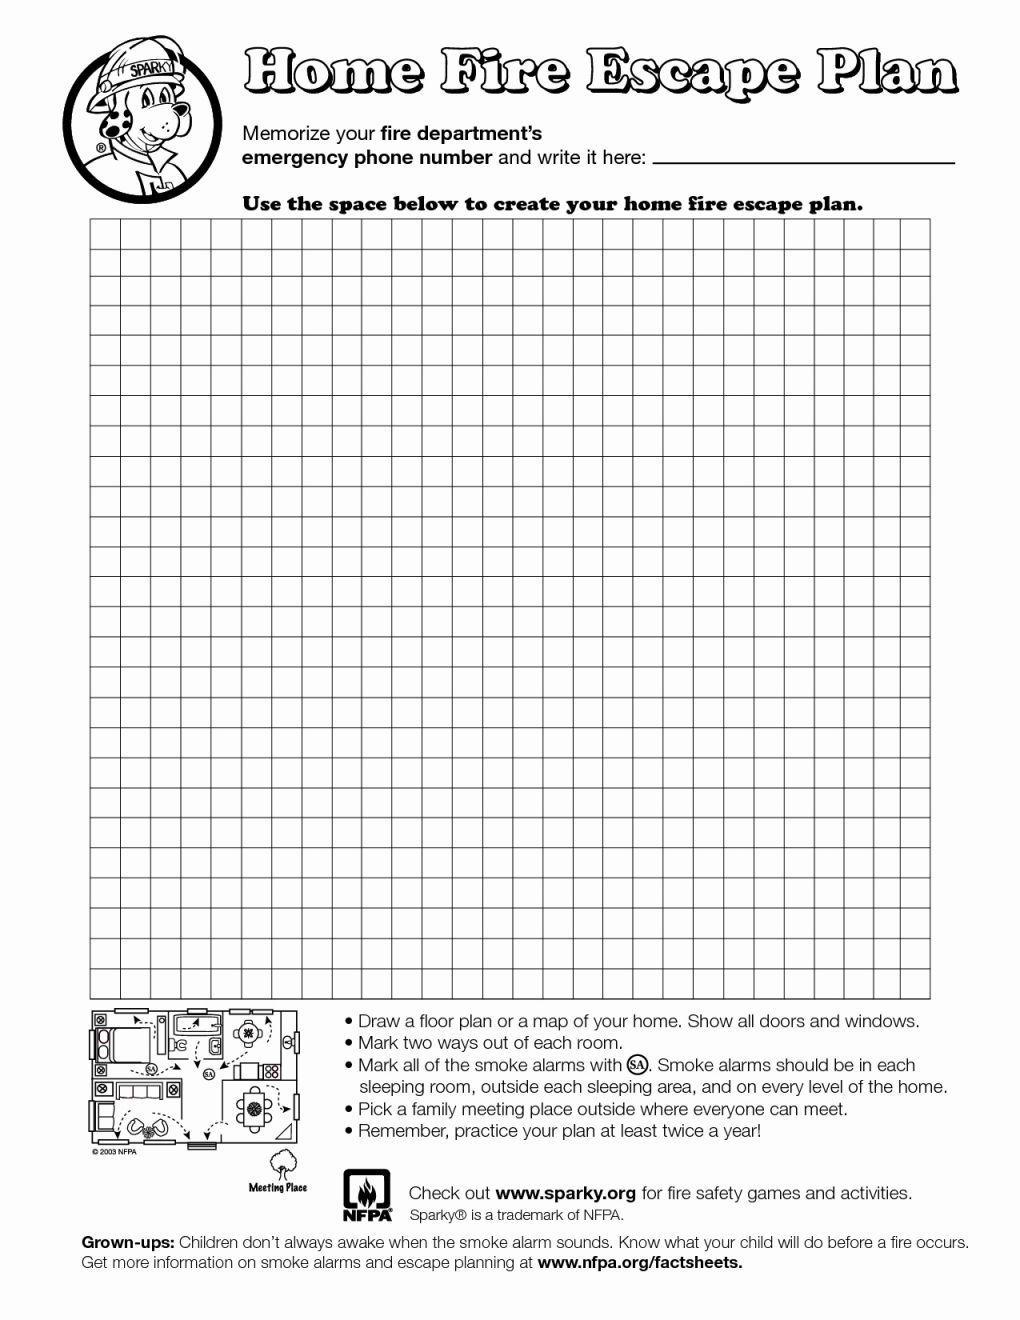 Safety Plan Worksheet Evacuation Plan Escape Plan Emergency Plan [ 1320 x 1020 Pixel ]